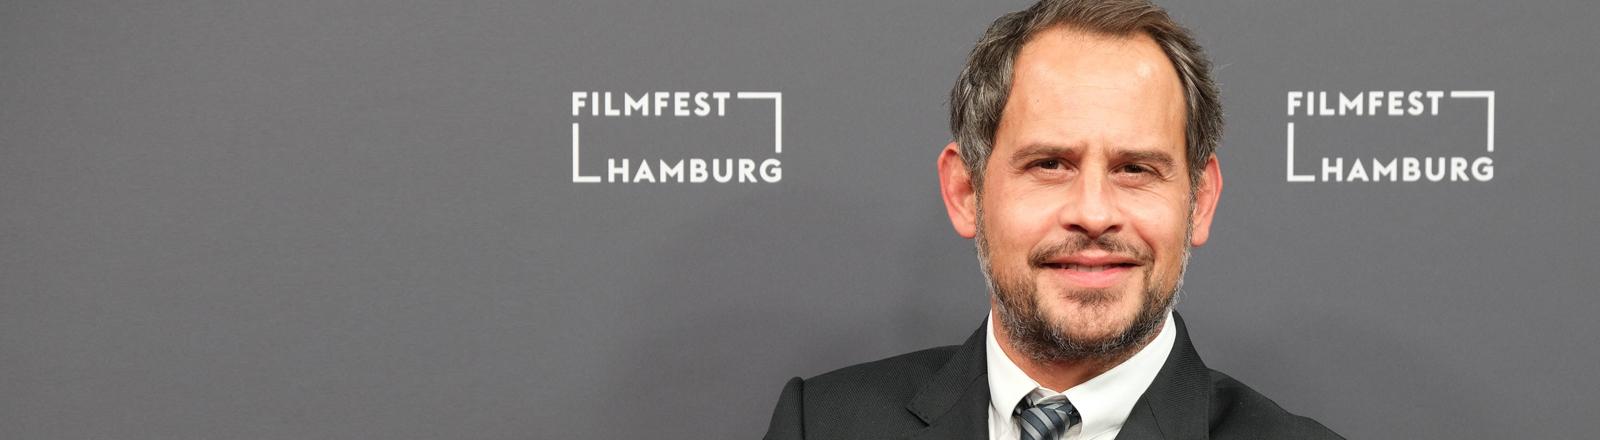 Moritz Bleibtreu stellt als Regisseur seinen Film Cortex vor.